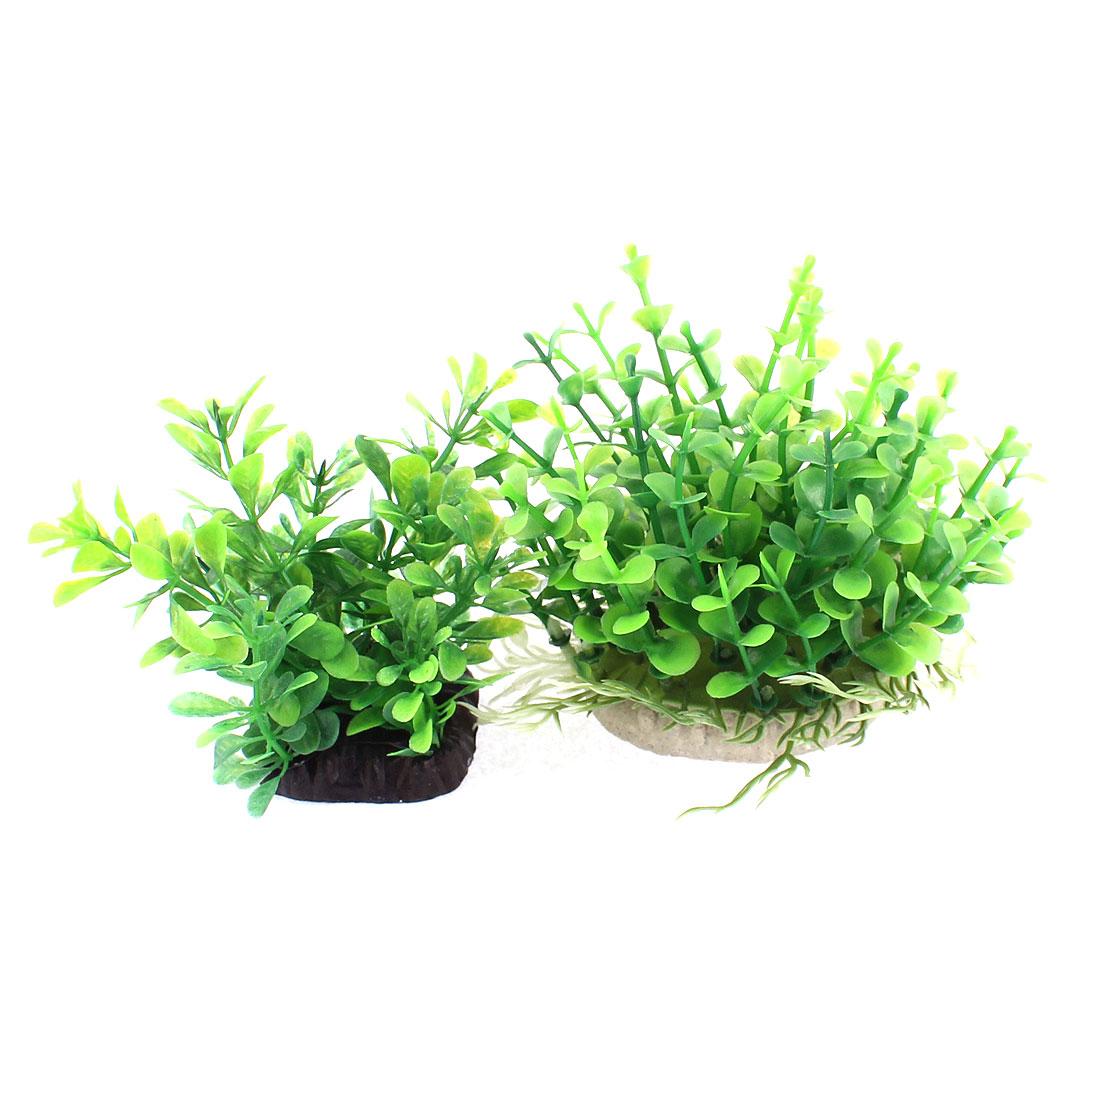 Aquarium Ceramic Base Plastic Water Plants Grass Adornment Green 2 Pcs